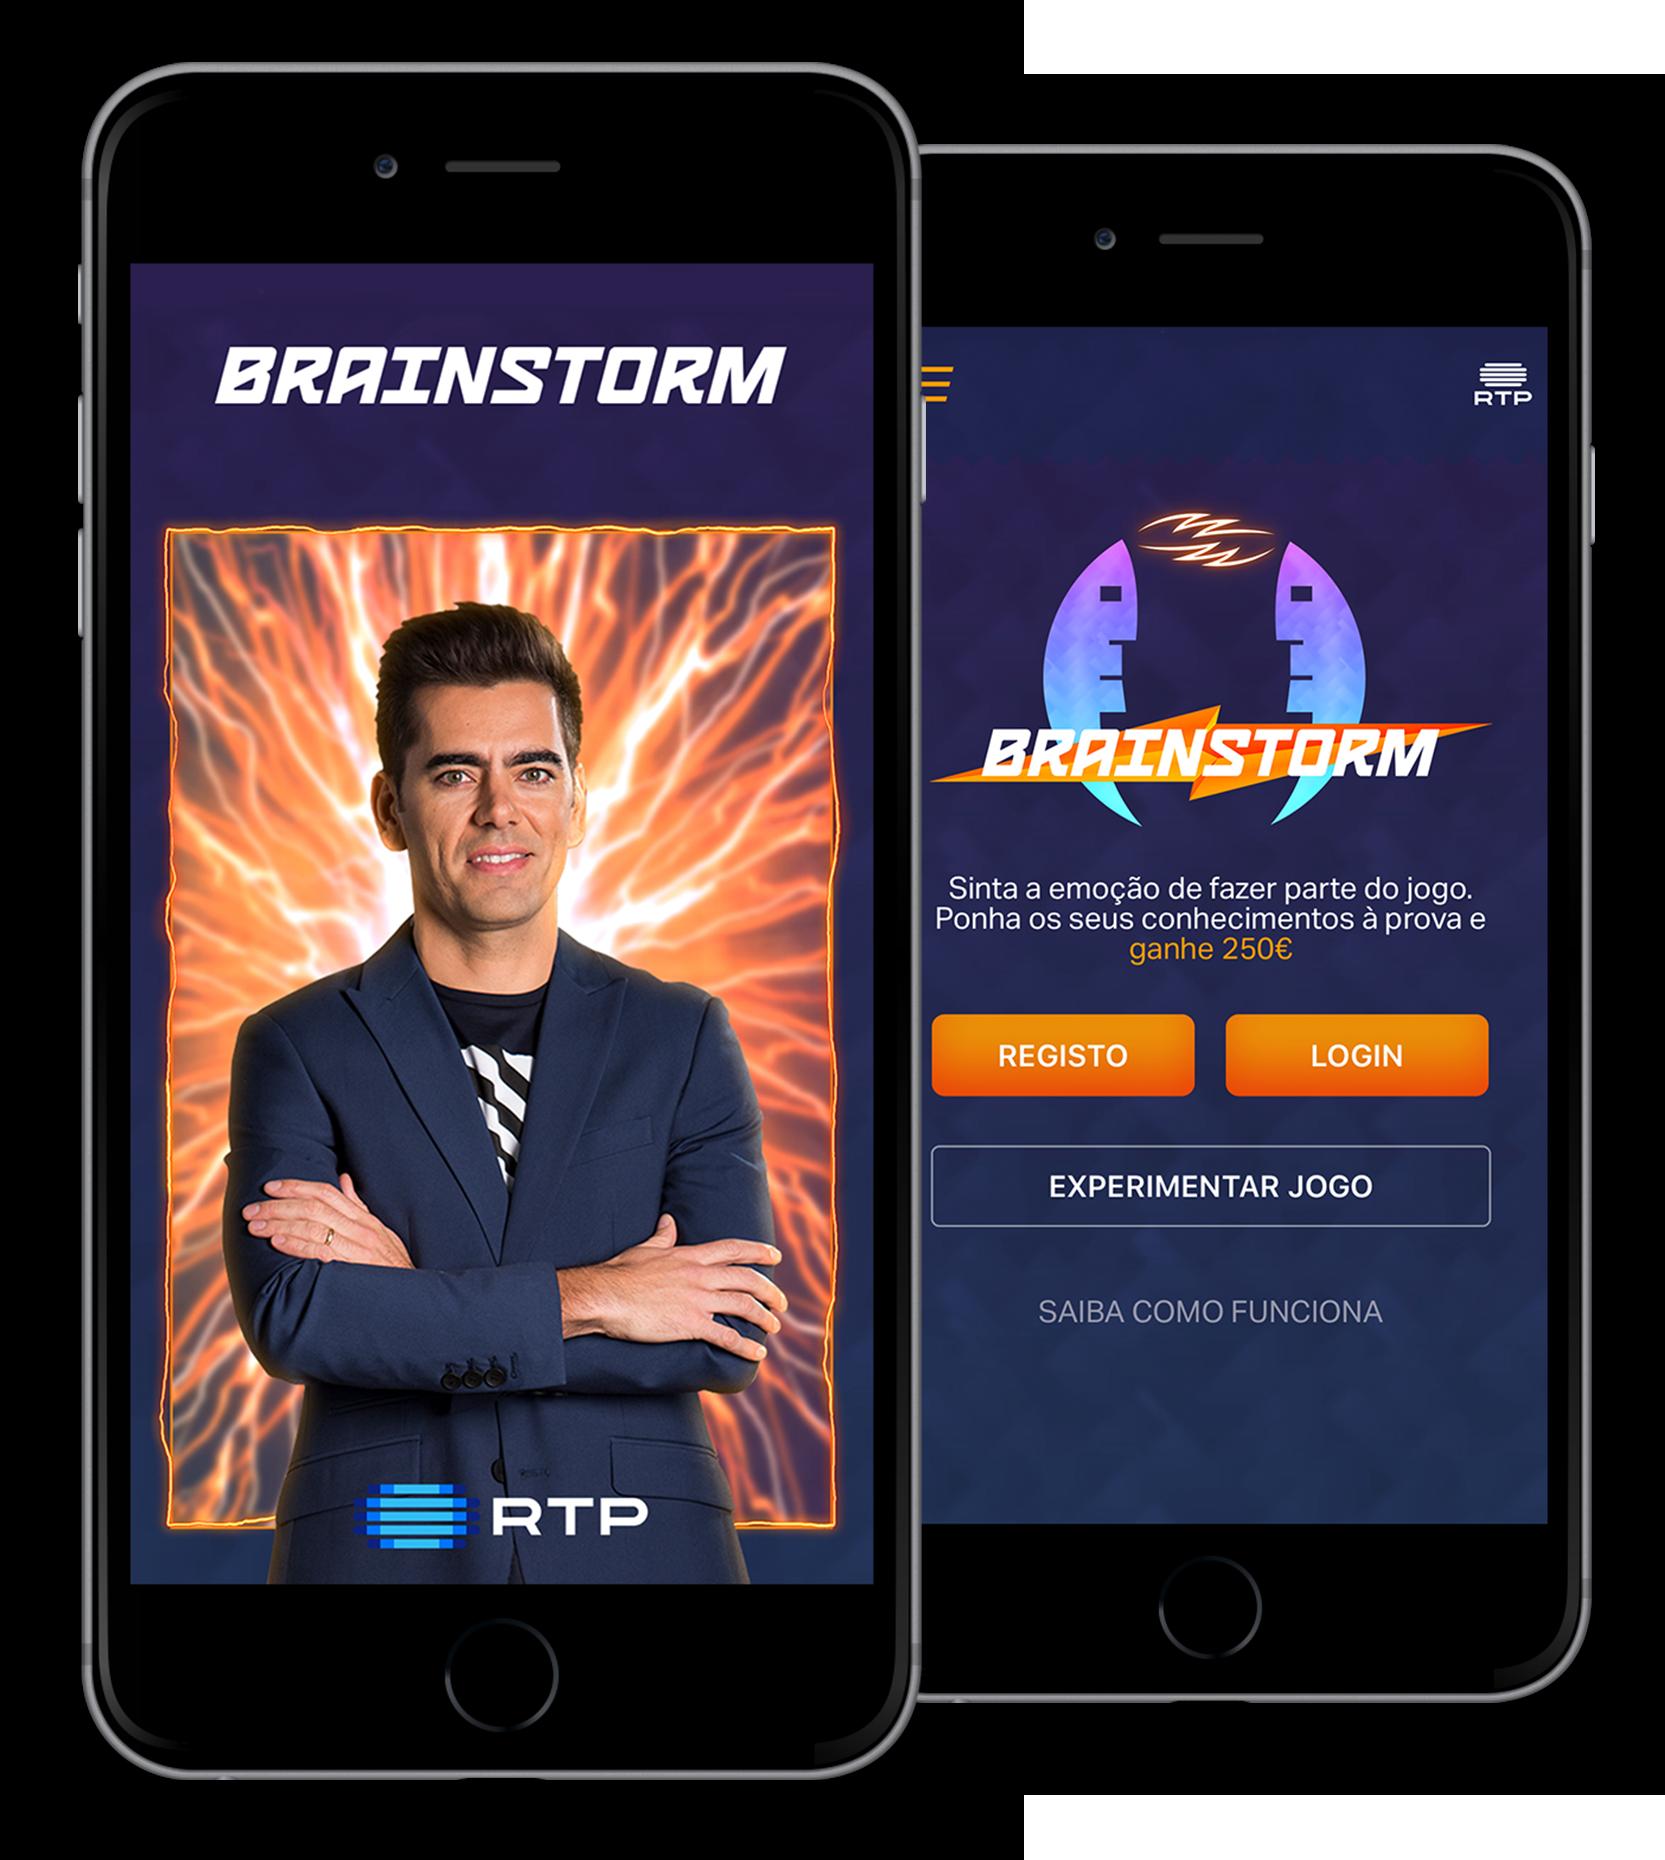 Aplicação Brainstorm